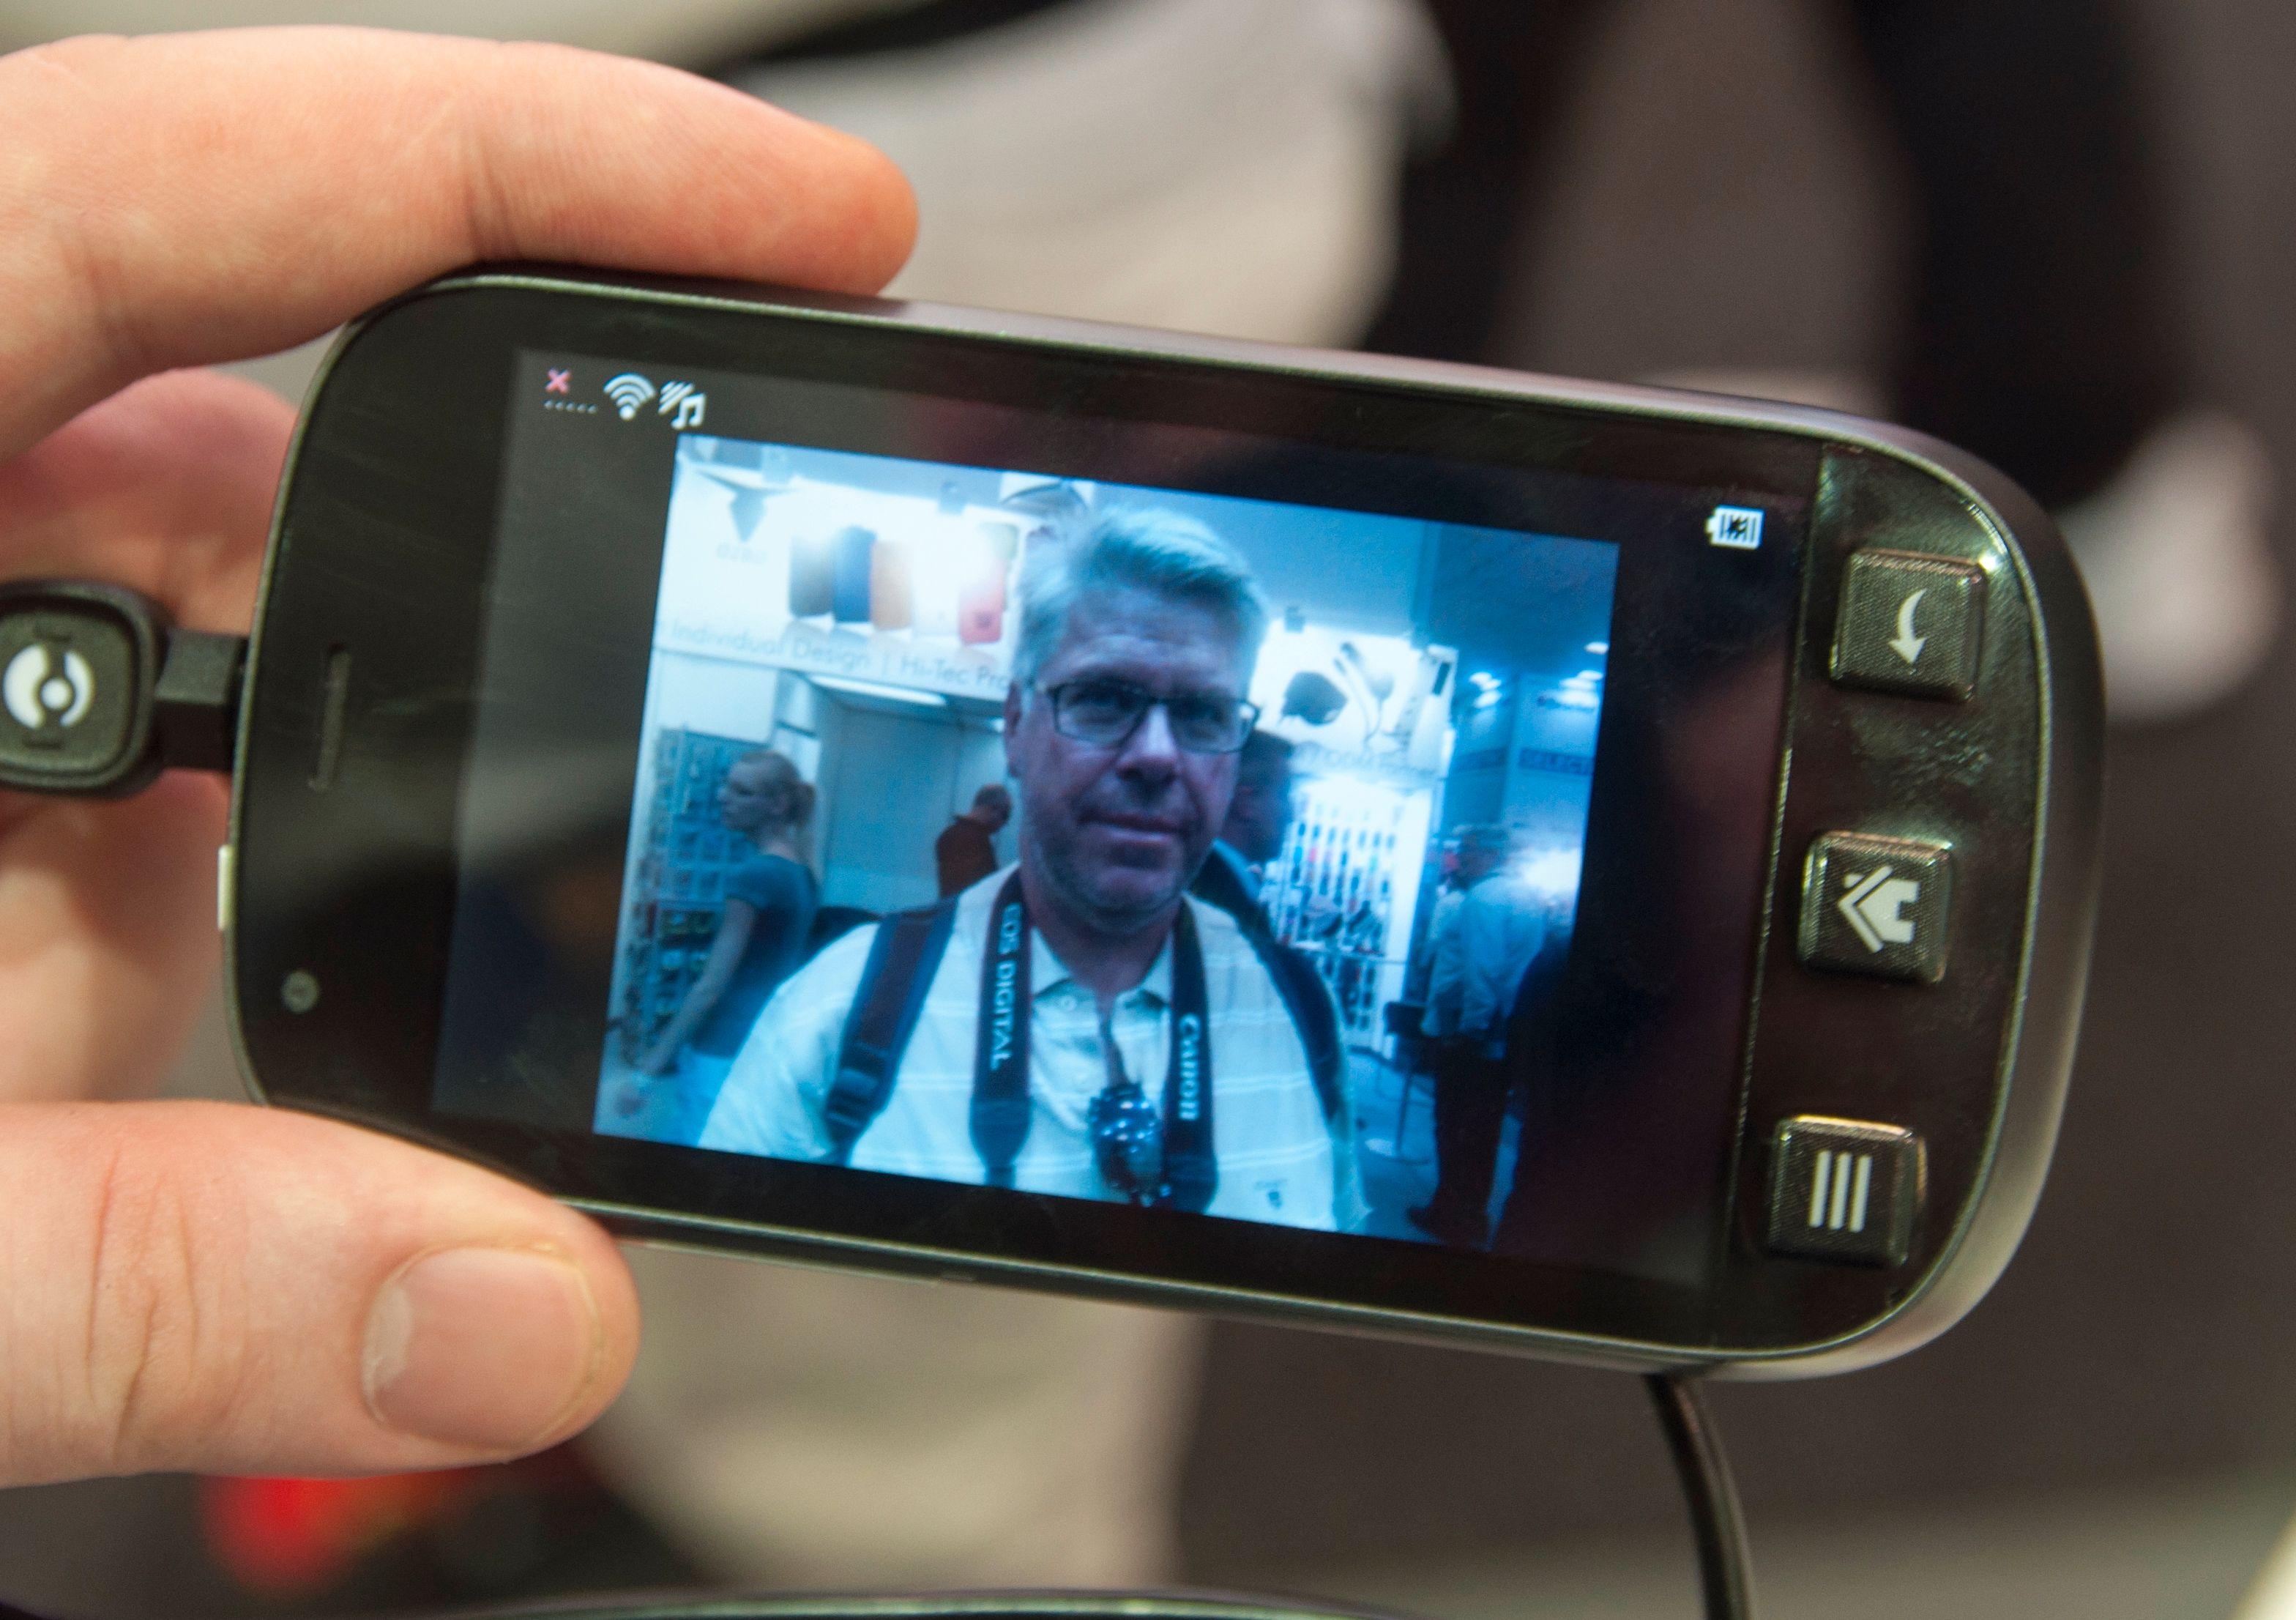 Telefonen har et kamera som tar bilder i fem megapikslers oppløsning. Alle bildene vi tok fikk et kraftig blåskjær. Vi vet ikke om det skyldes kameraet eller lyset i hallen.Foto: Finn Jarle Kvalheim, Amobil.no